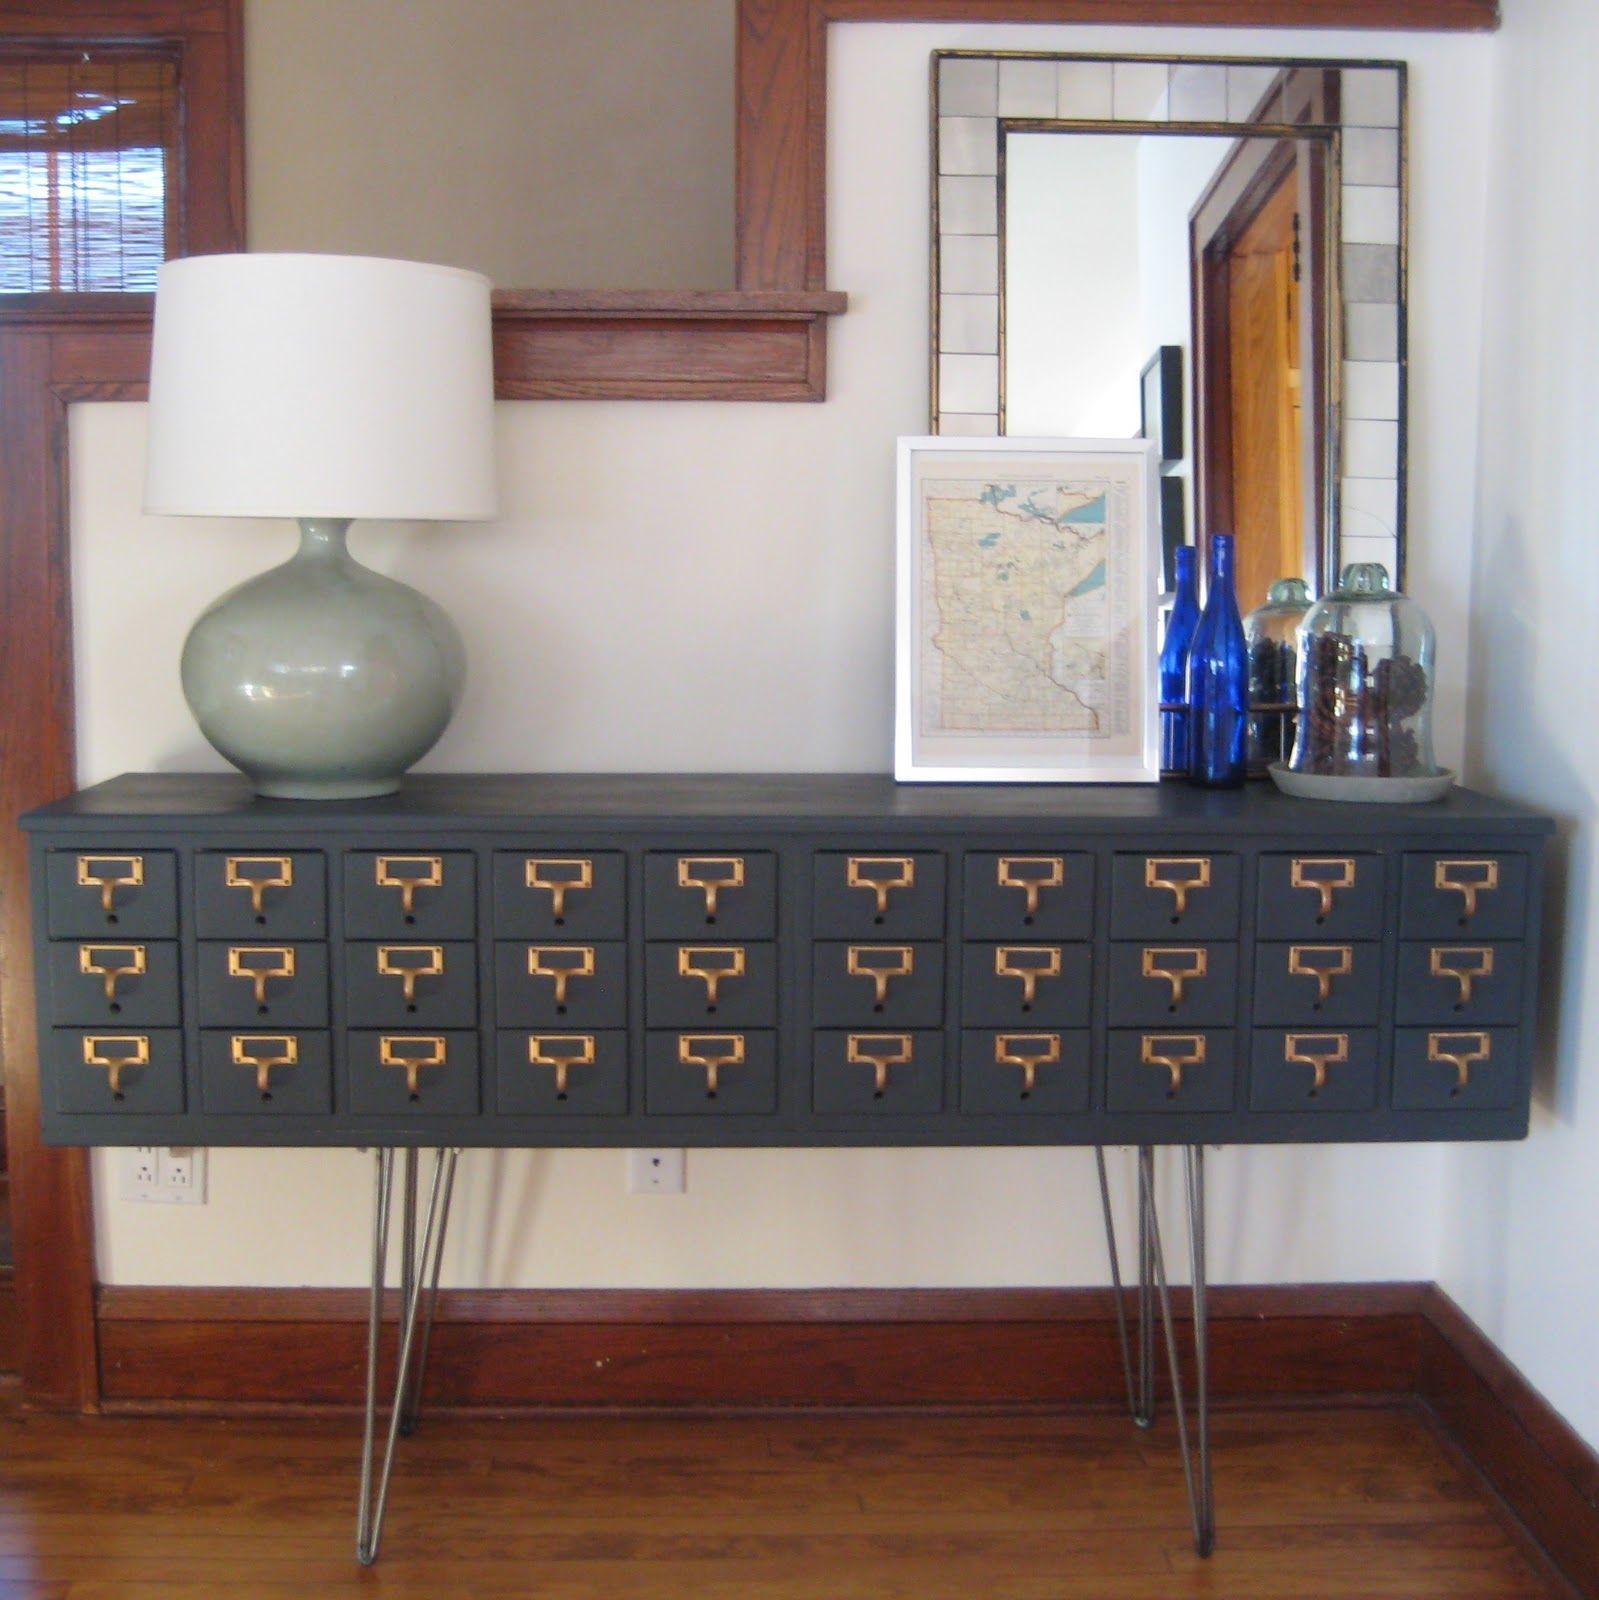 8 Repurposed Card Catalogs Furniture Diy Repurposed Card Catalog Upcycled Furniture